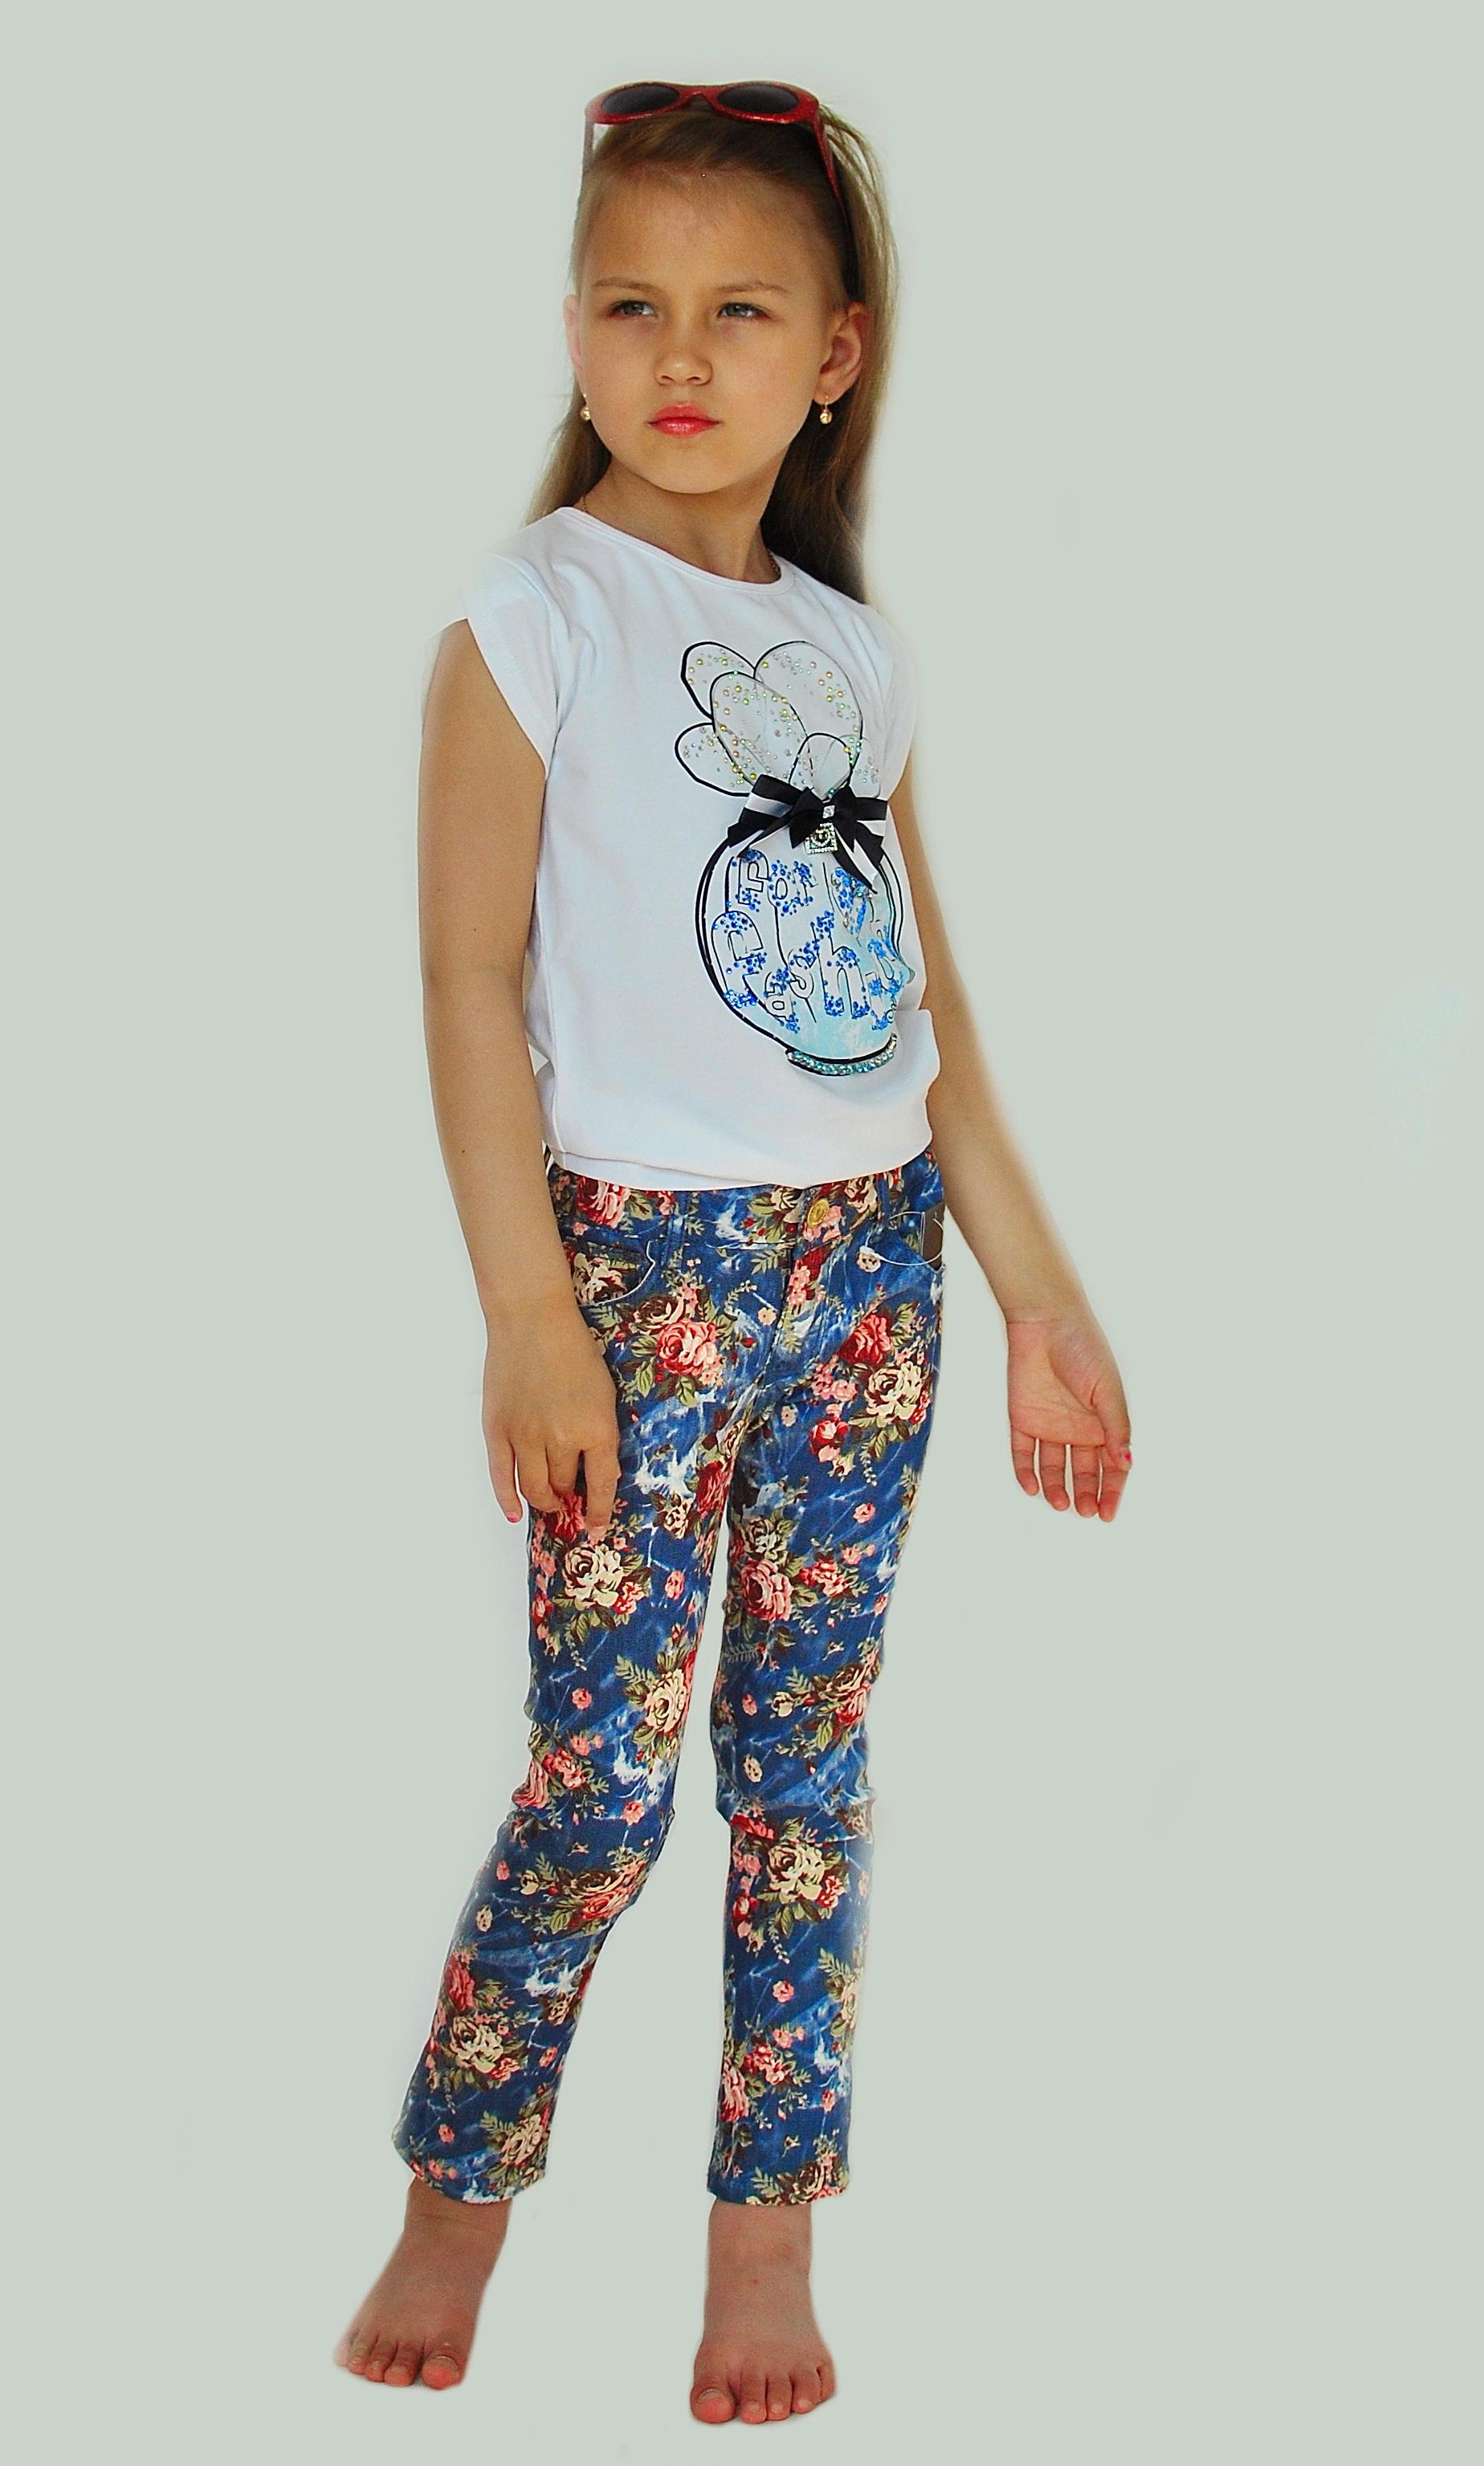 Фото 5: Яркие джинсы Catimini для девочек